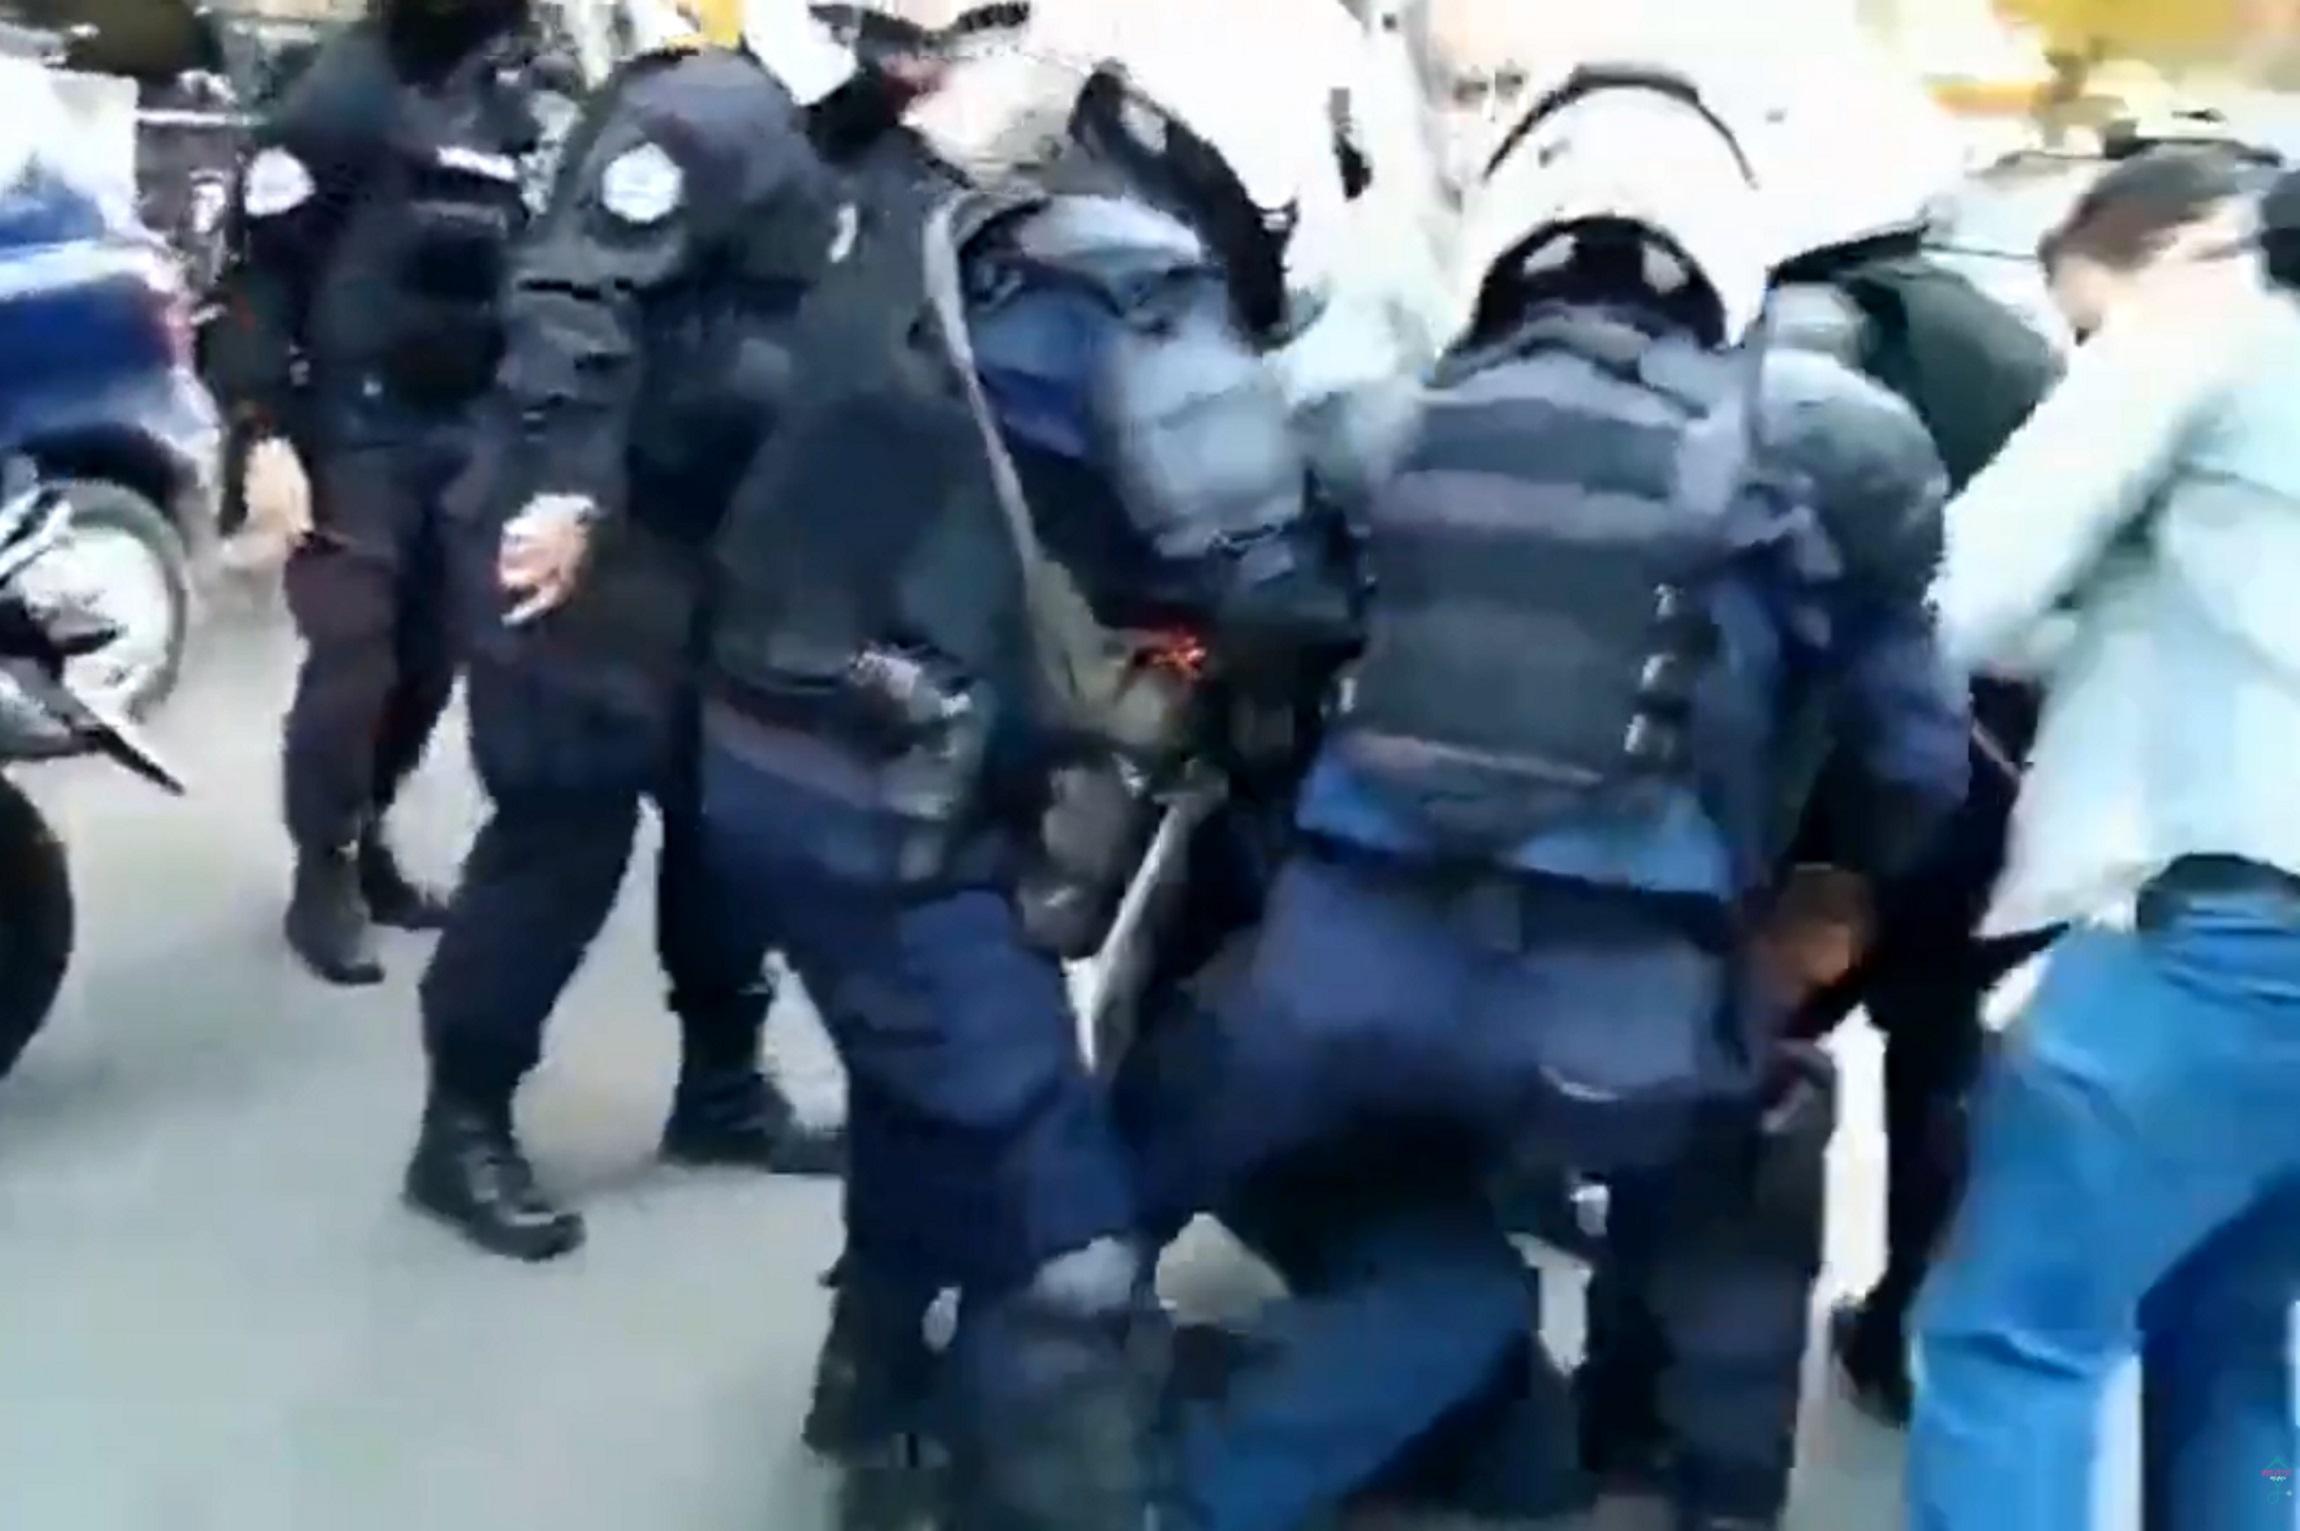 Βίντεο από τα Σεπόλια – Η αστυνομική επέμβαση, ο φοιτητής και ο πατέρας του που έπαθε καρδιακή προσβολή